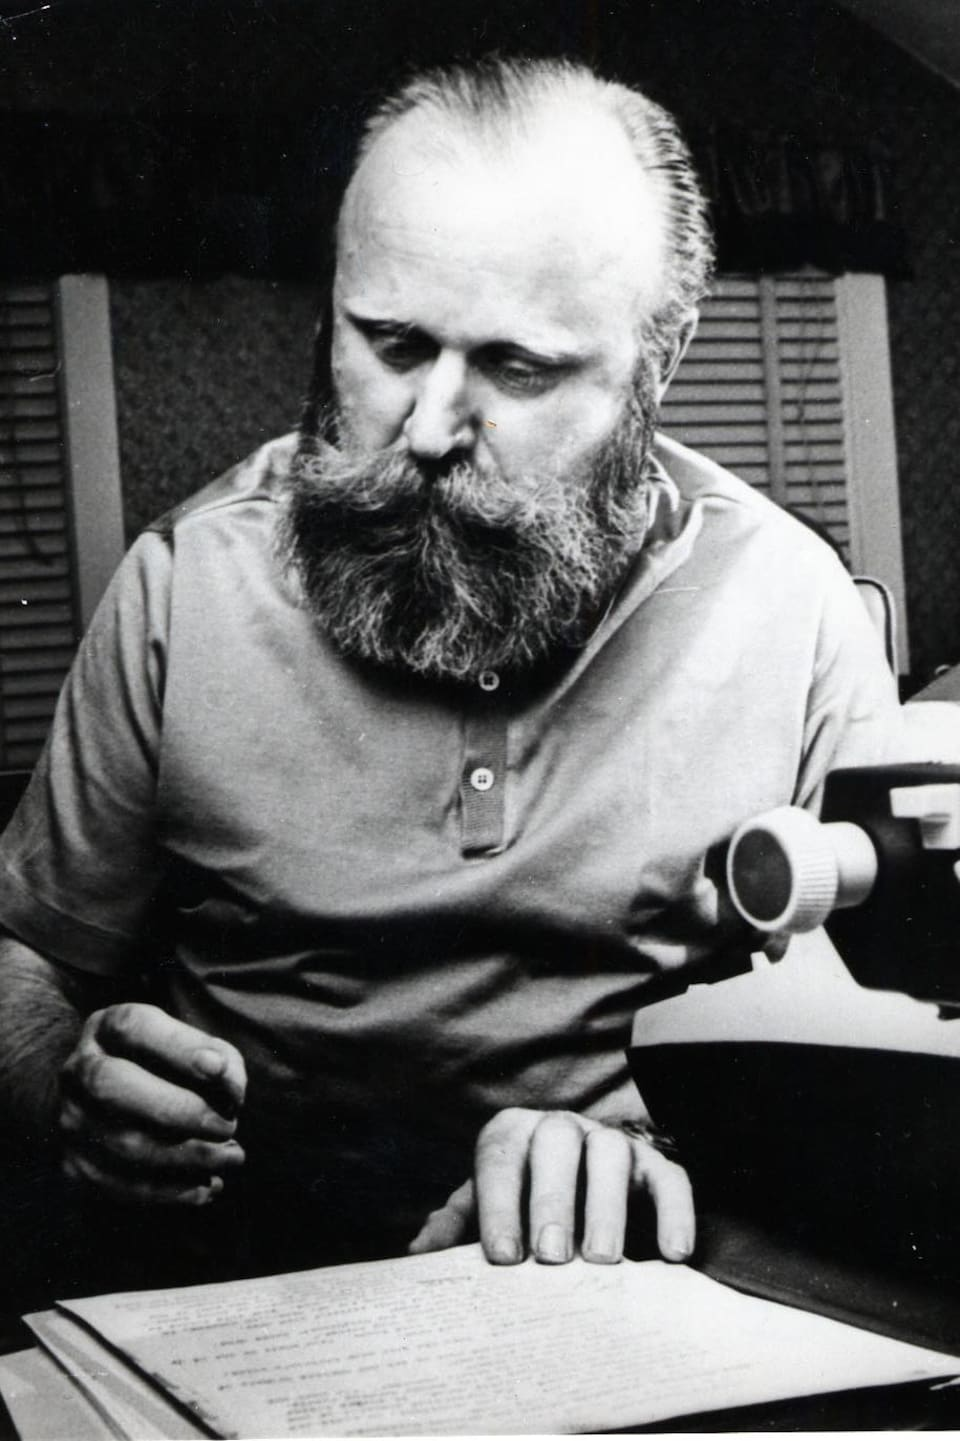 L'homme porte une grosse barbe et semble annoter une page manuscrite.